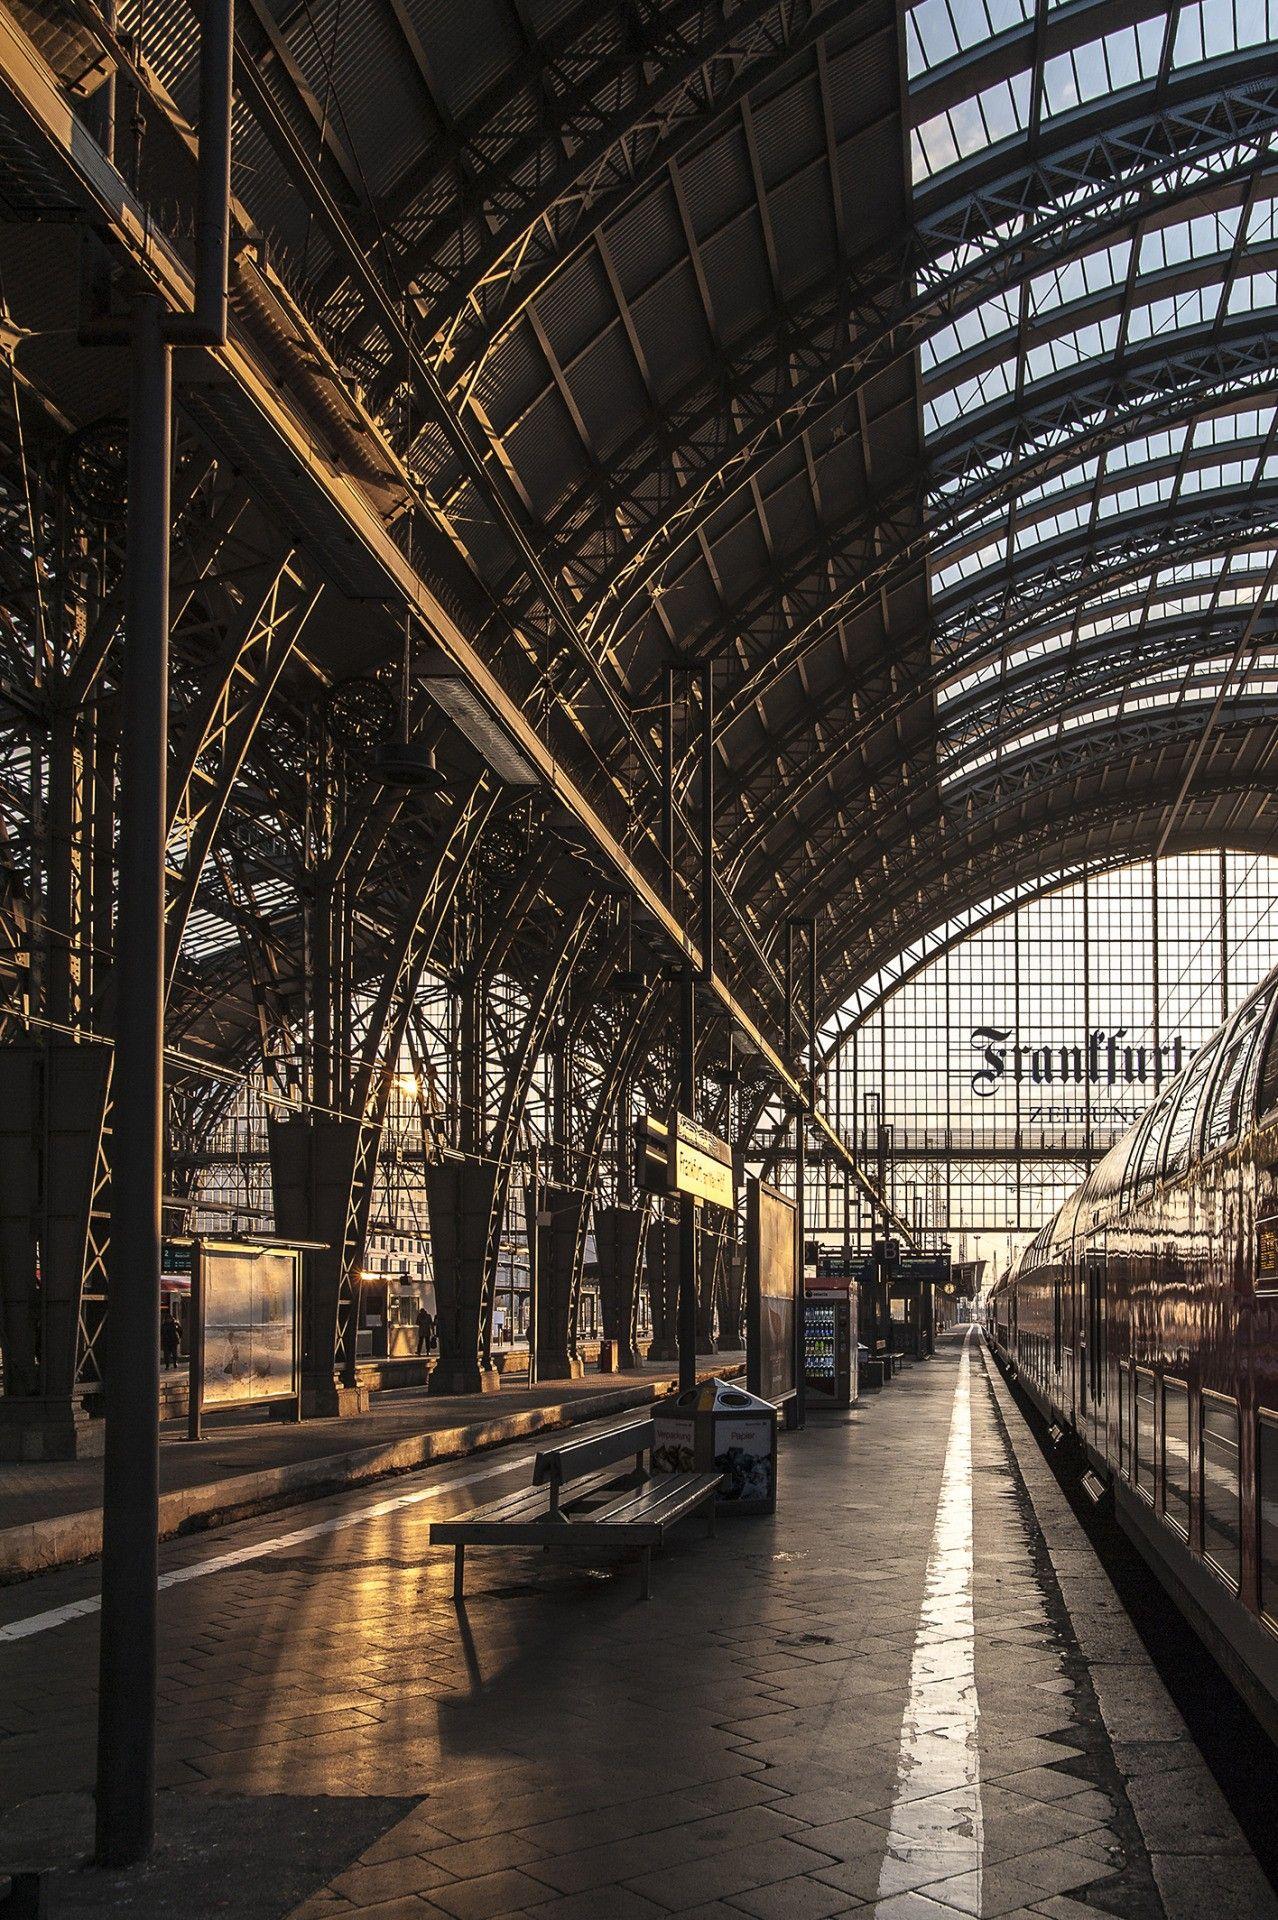 Pin Von Marcelo Matsoukas Auf Trenes Bahnhof Bilder Schone Hintergrund Bilder